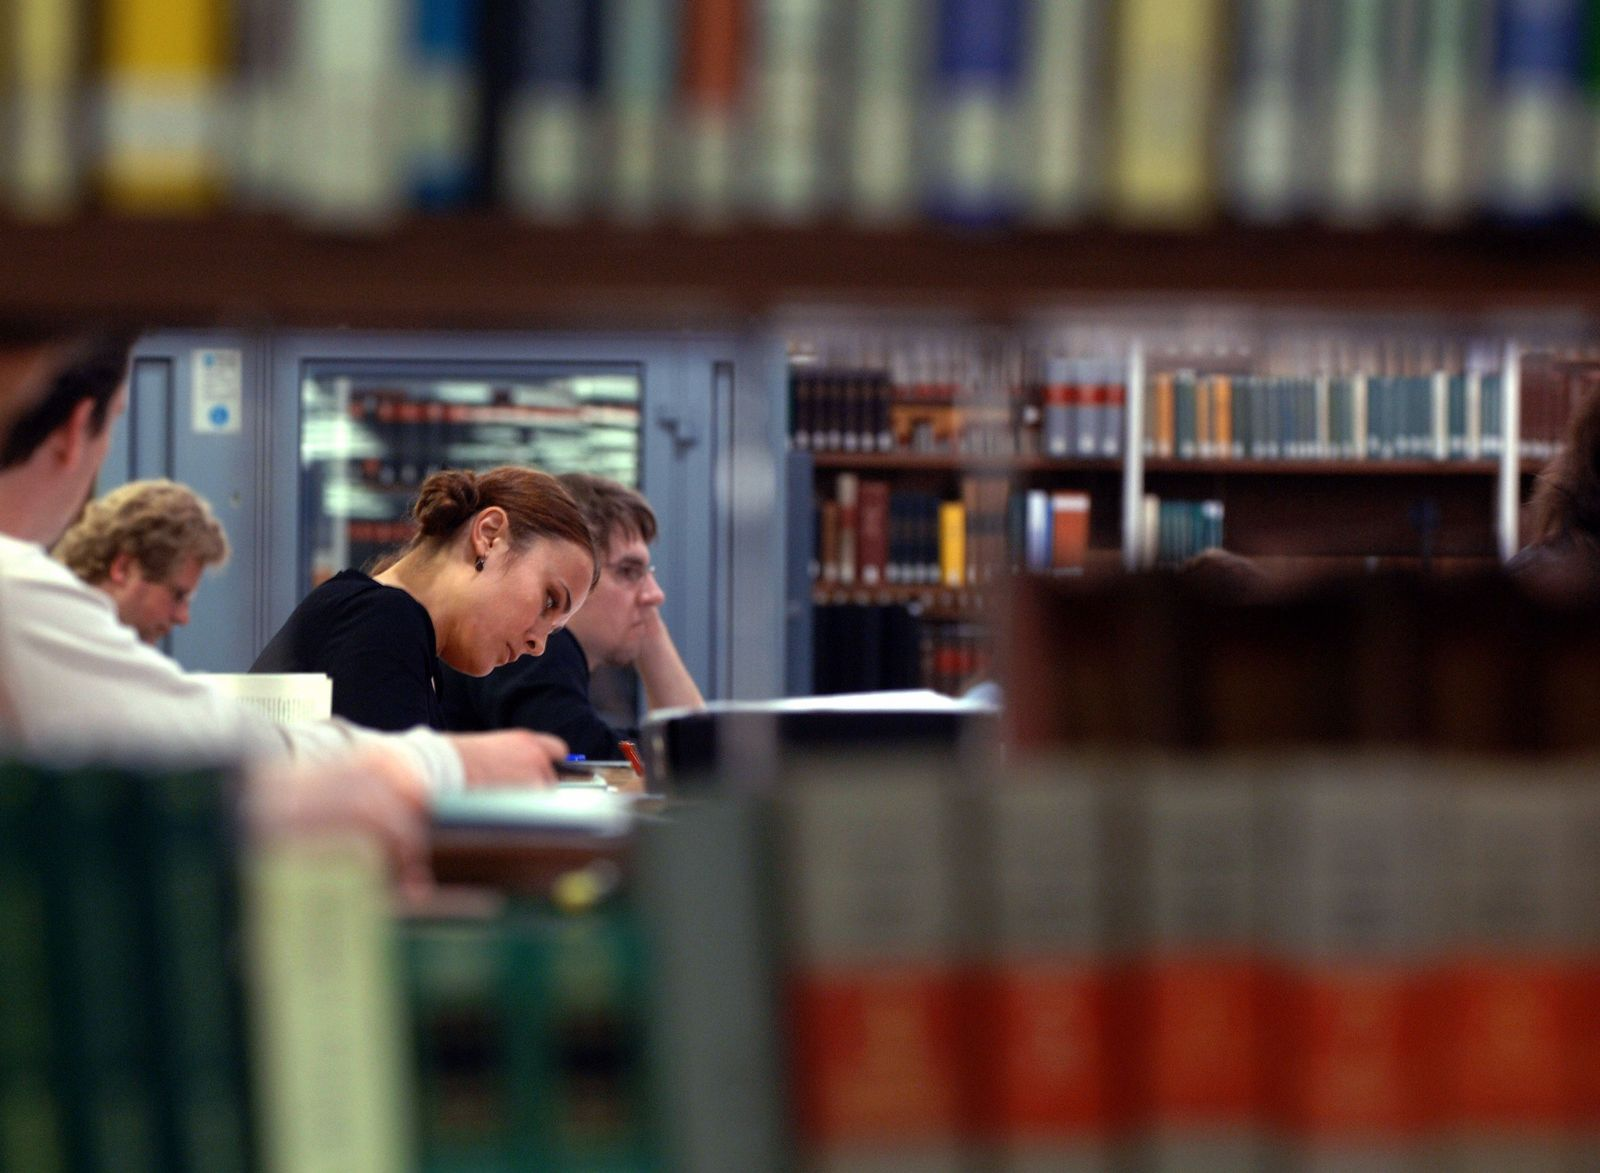 Studenten/ Bibliothek